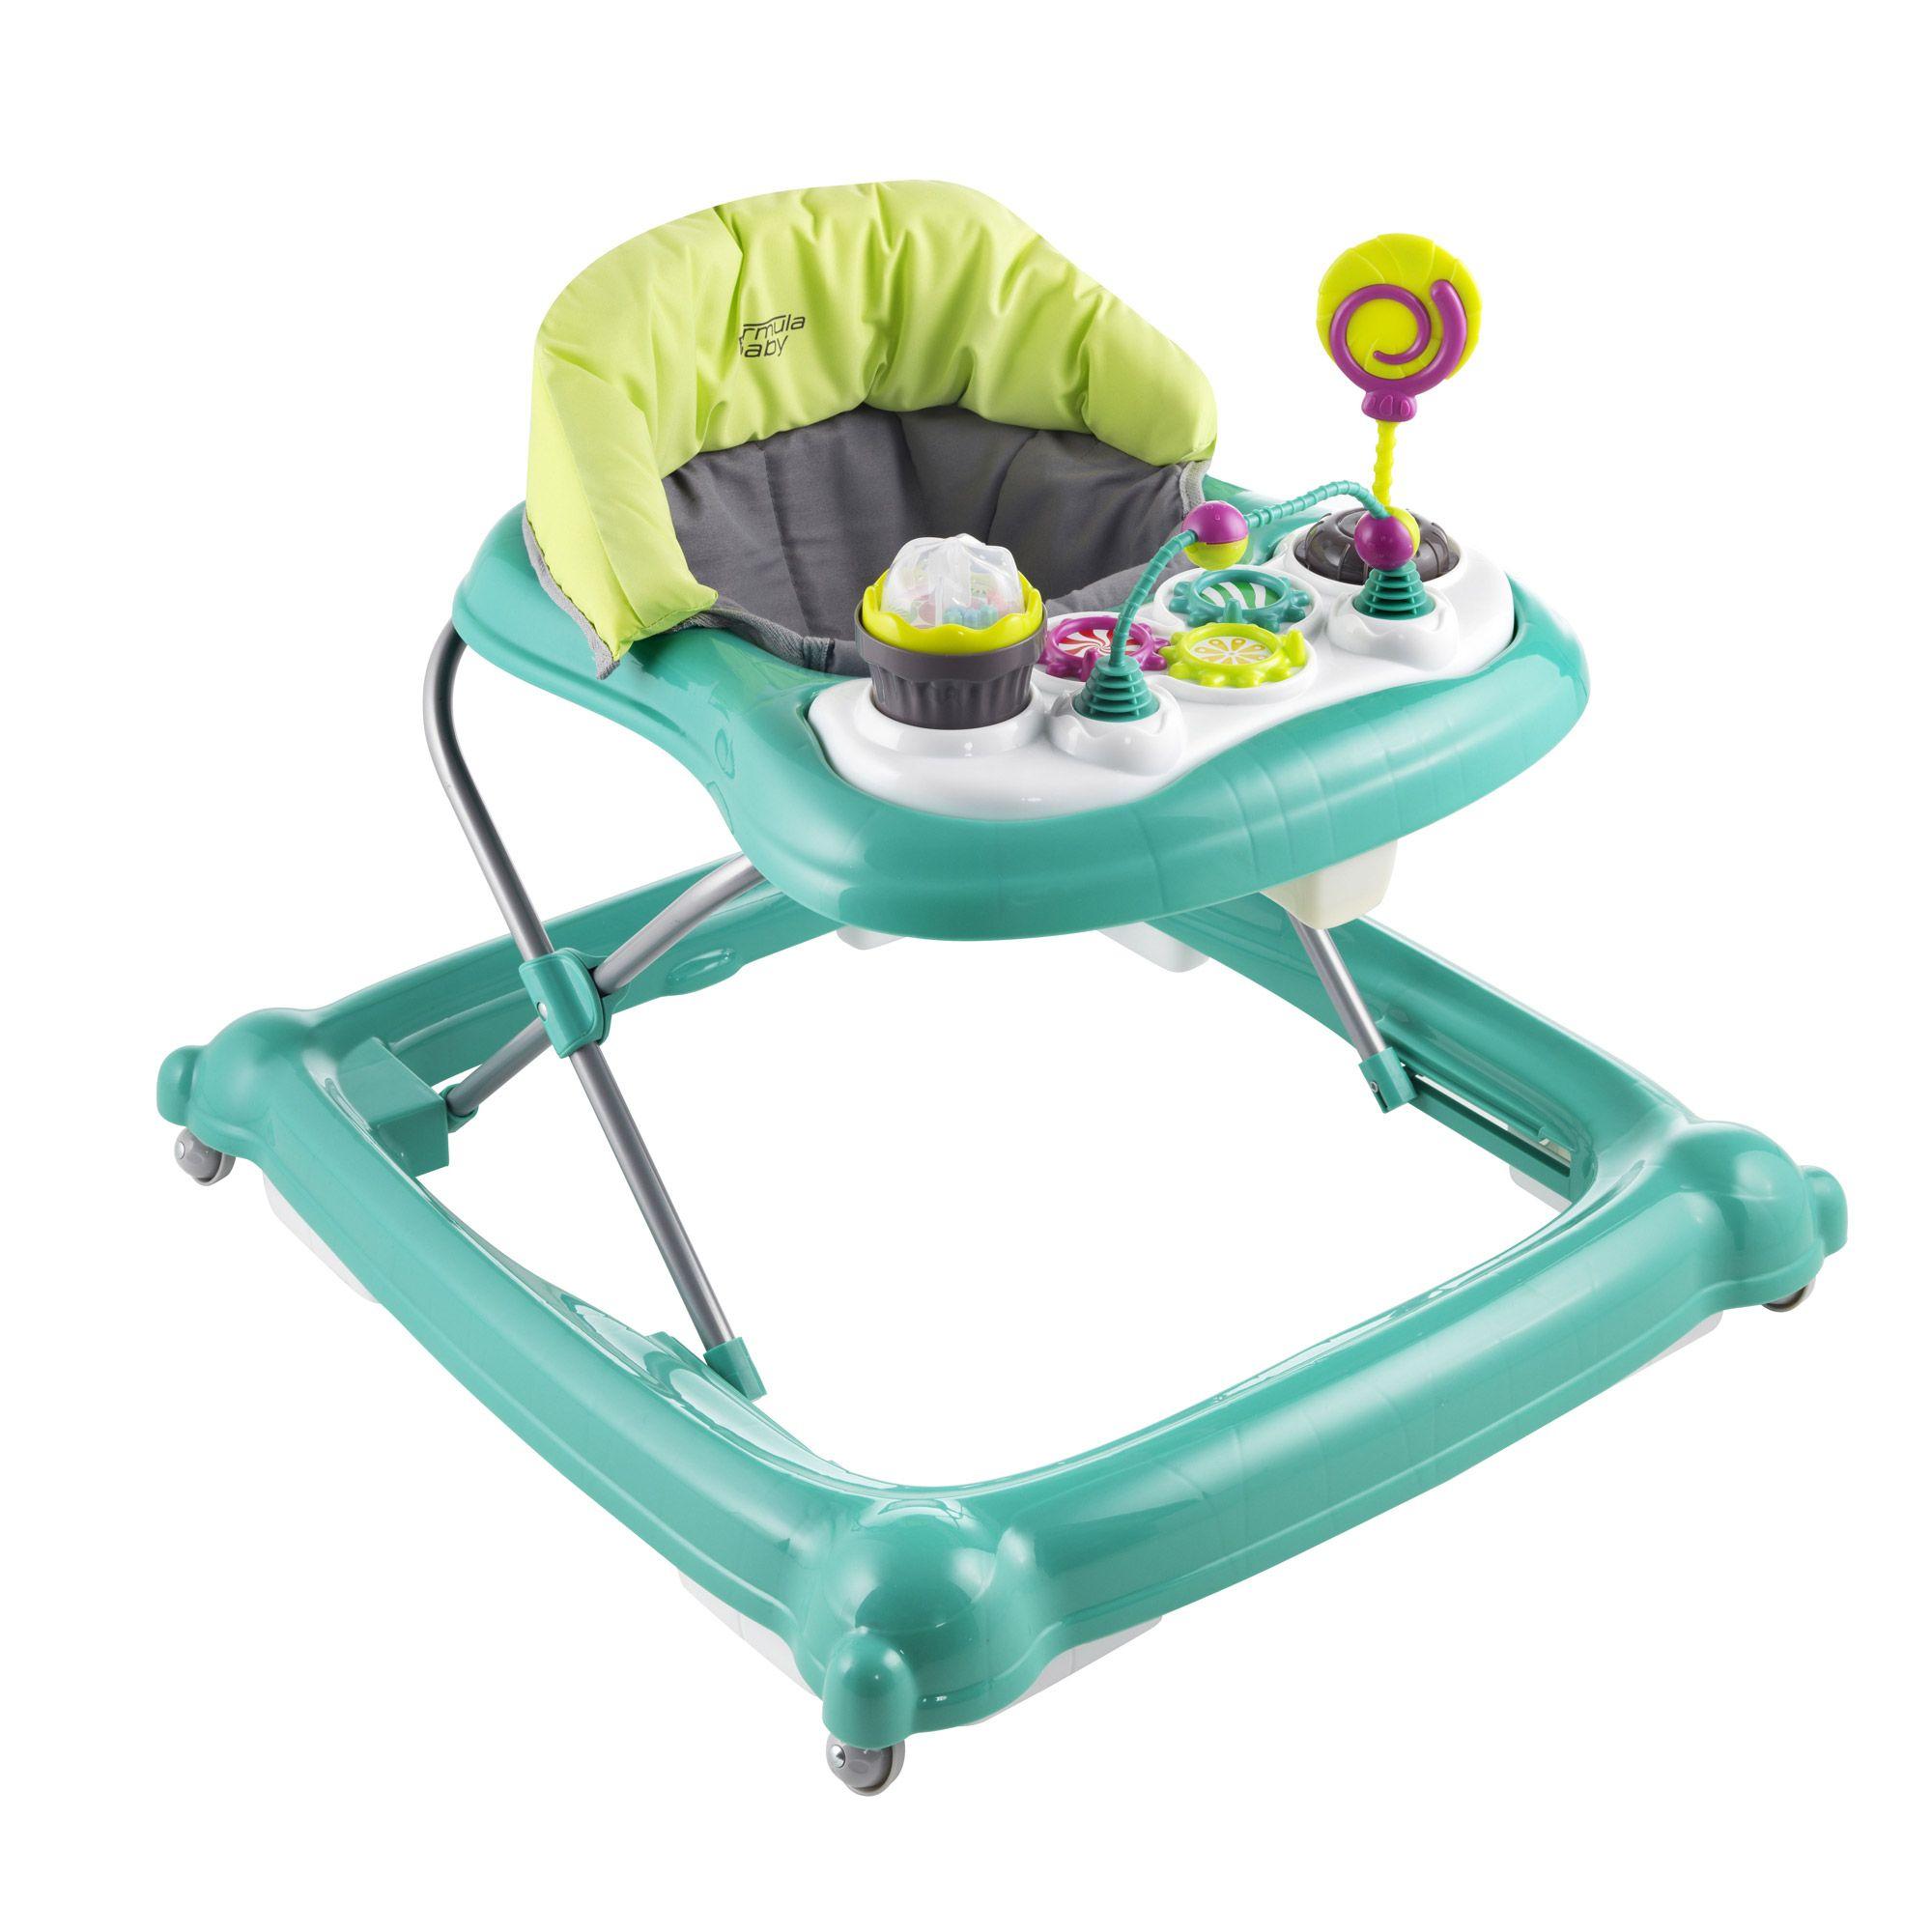 Trotteur Formula Baby Fun 2 Aqua